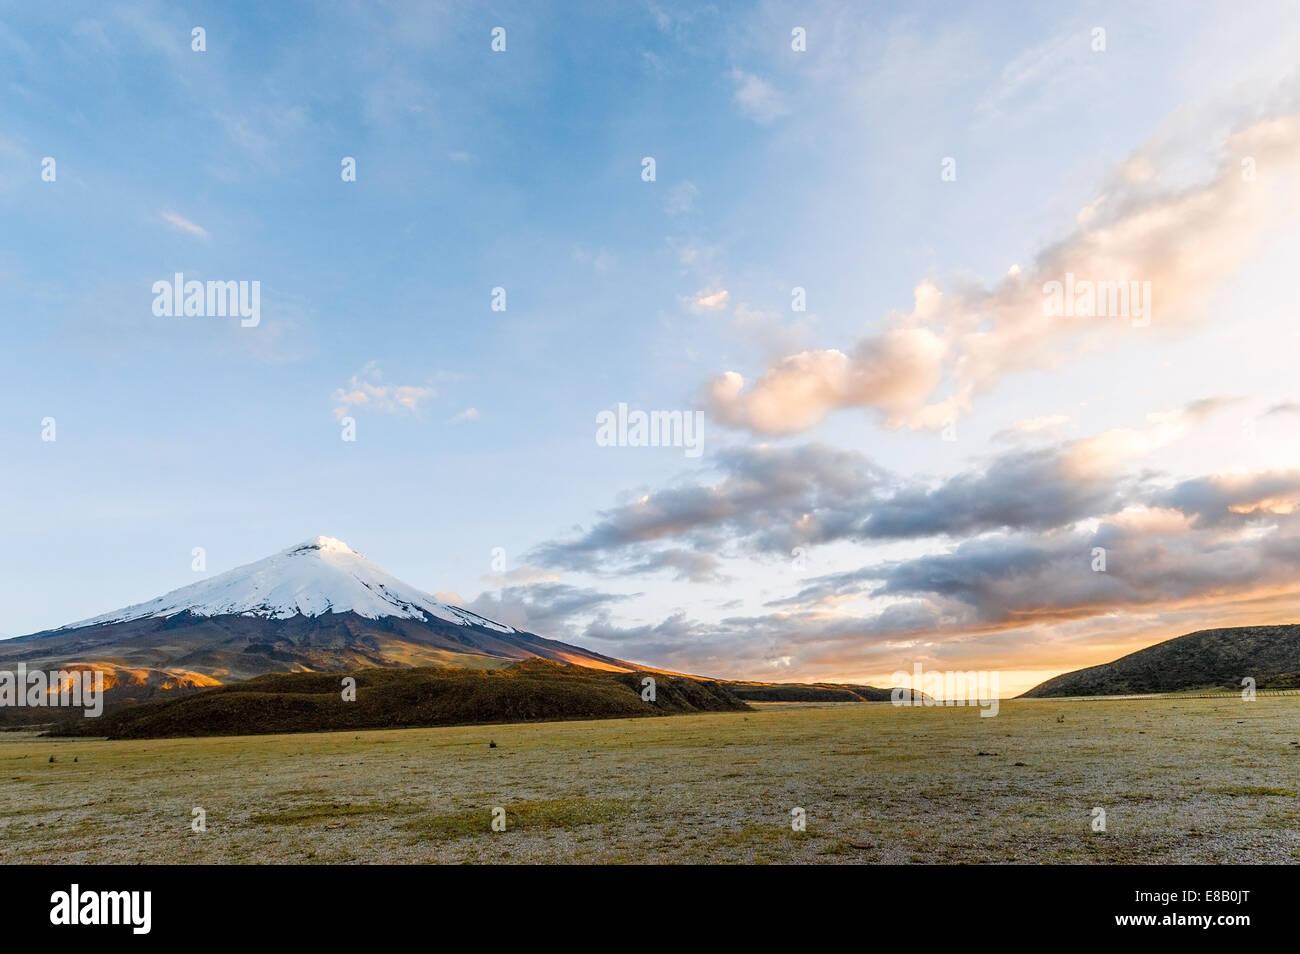 Atardecer en el poderoso Cotopaxi, el volcán activo más alto del mundo. Sierra Andina de Ecuador, América Imagen De Stock